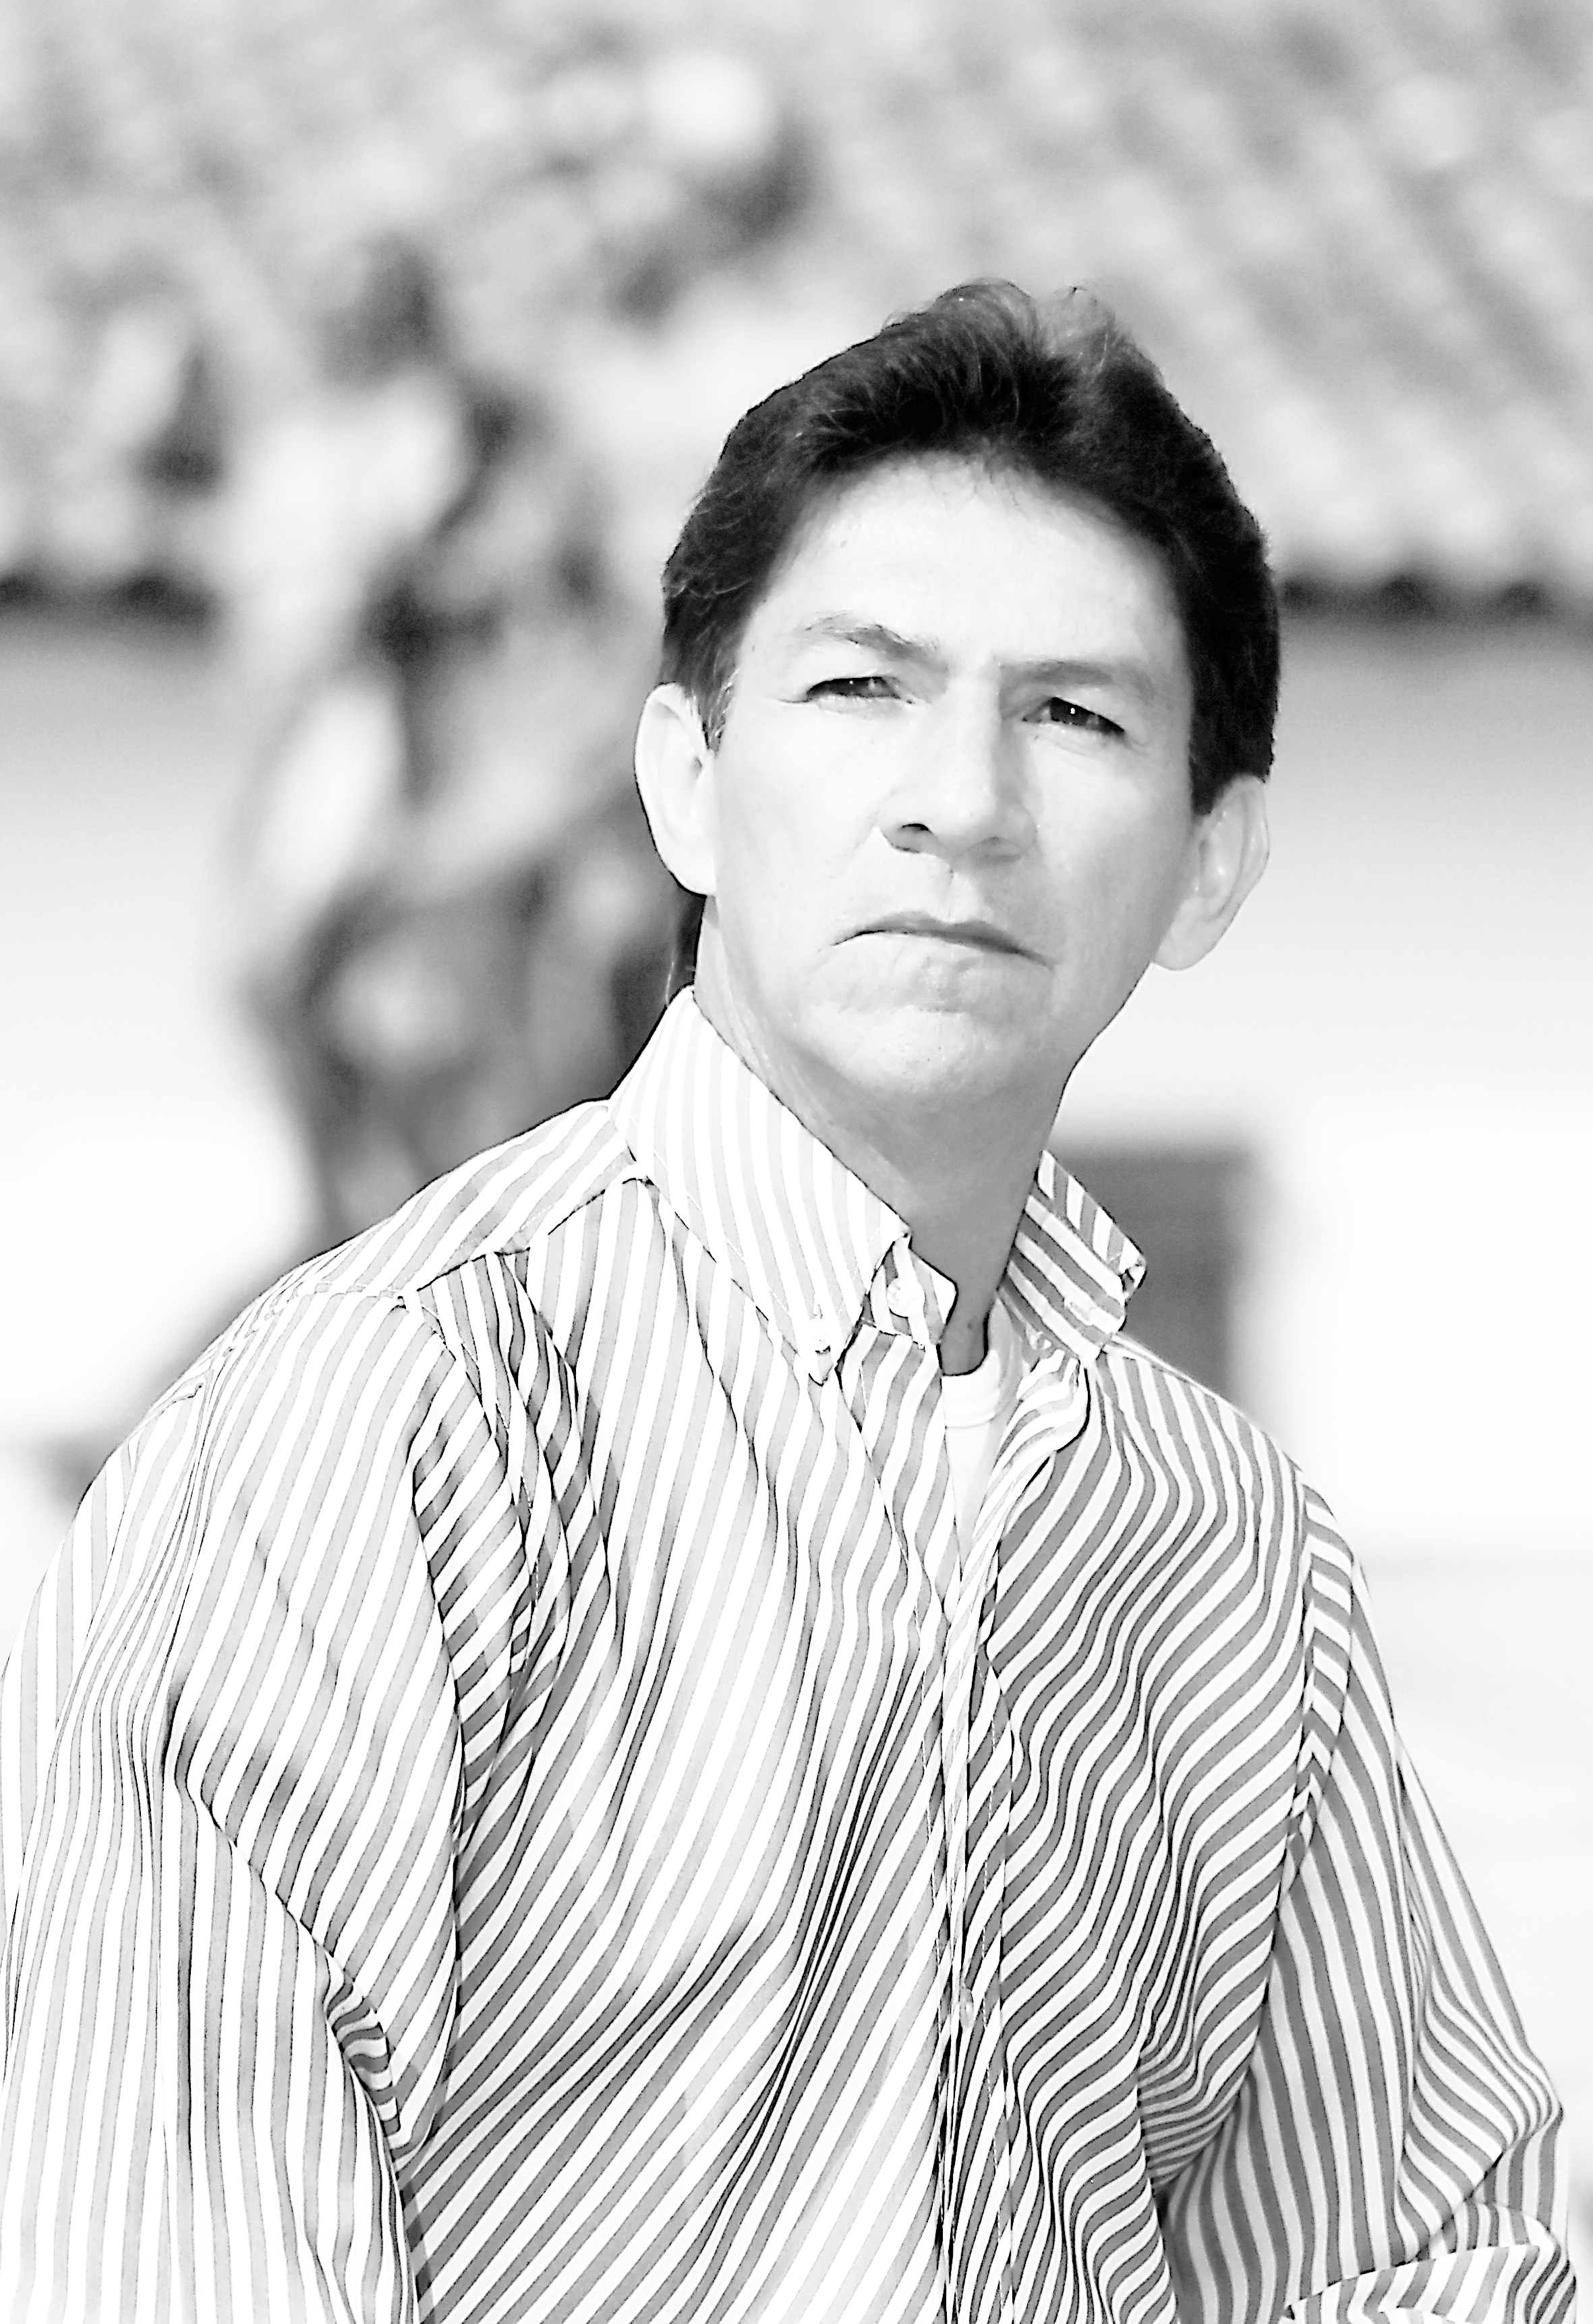 Moción de aclaración Por: José Oscar Fajardo   EL FRENTE